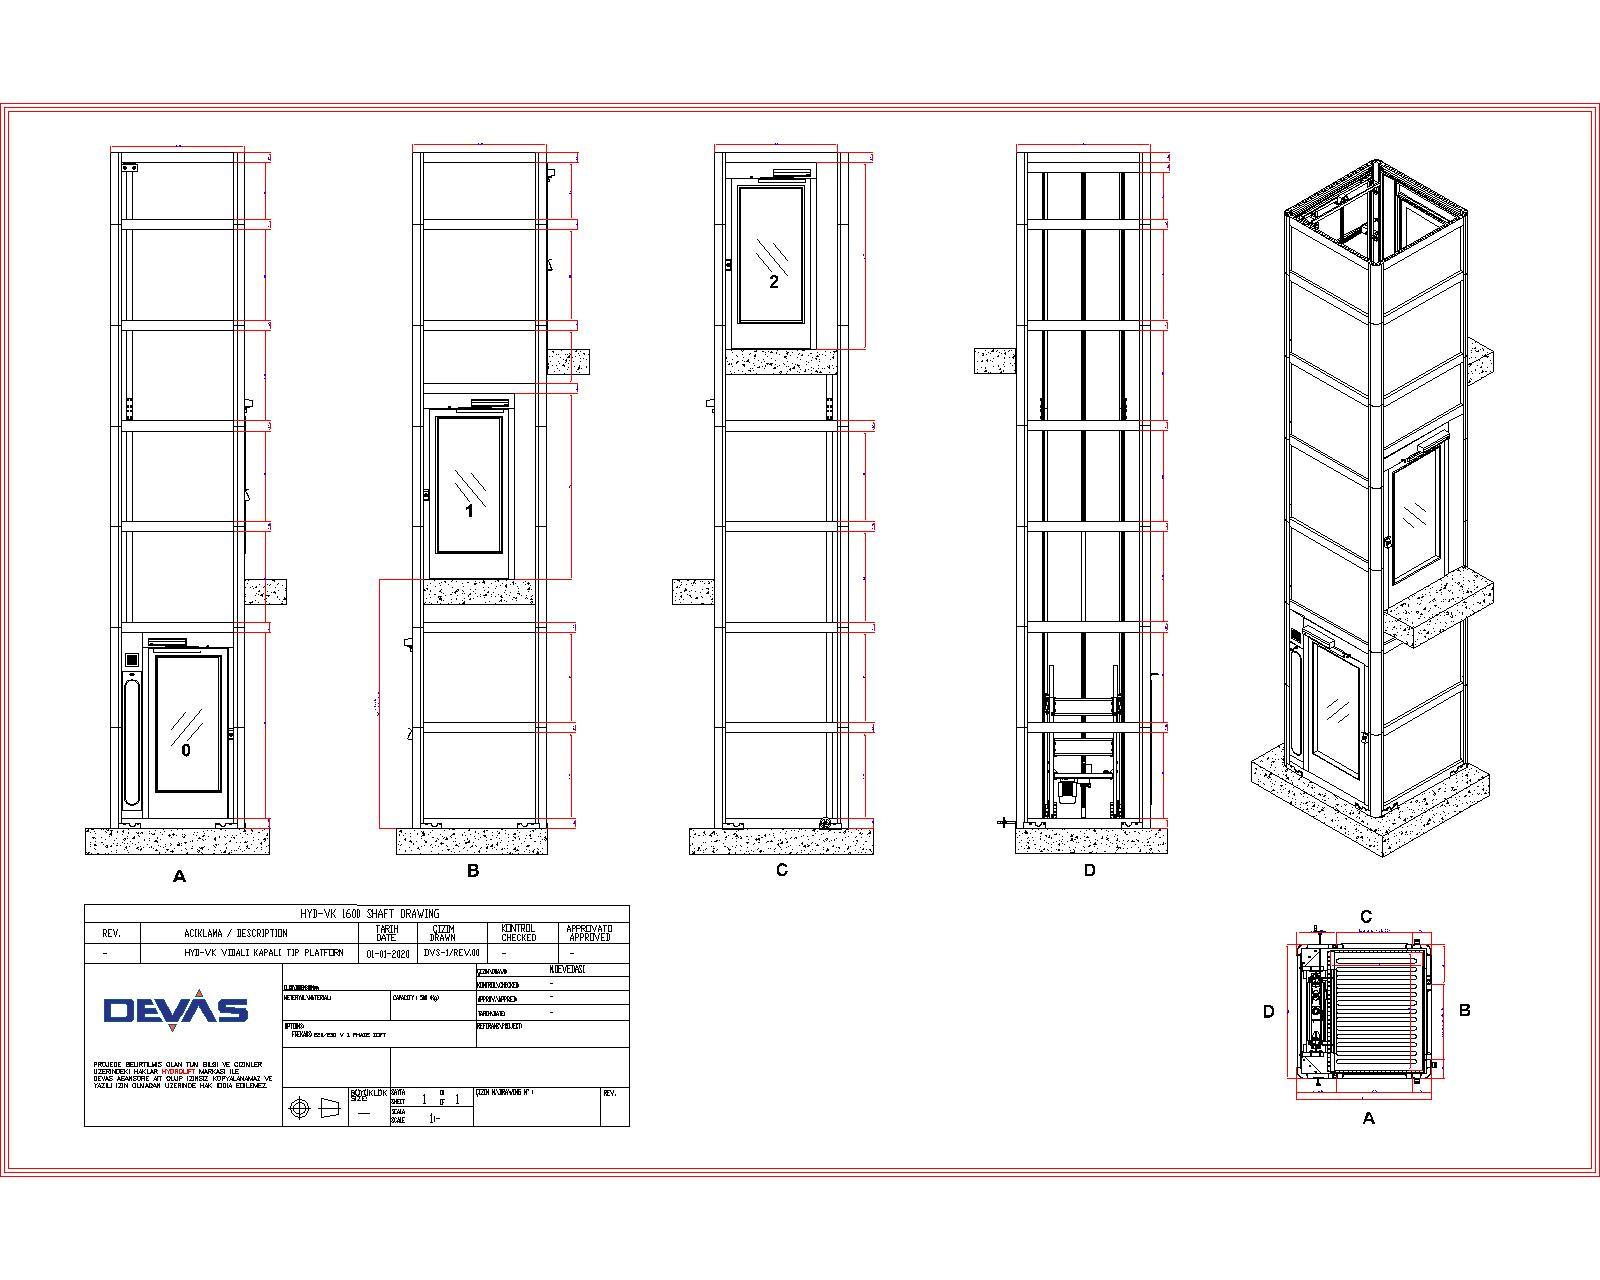 engelli asansörü ölçü